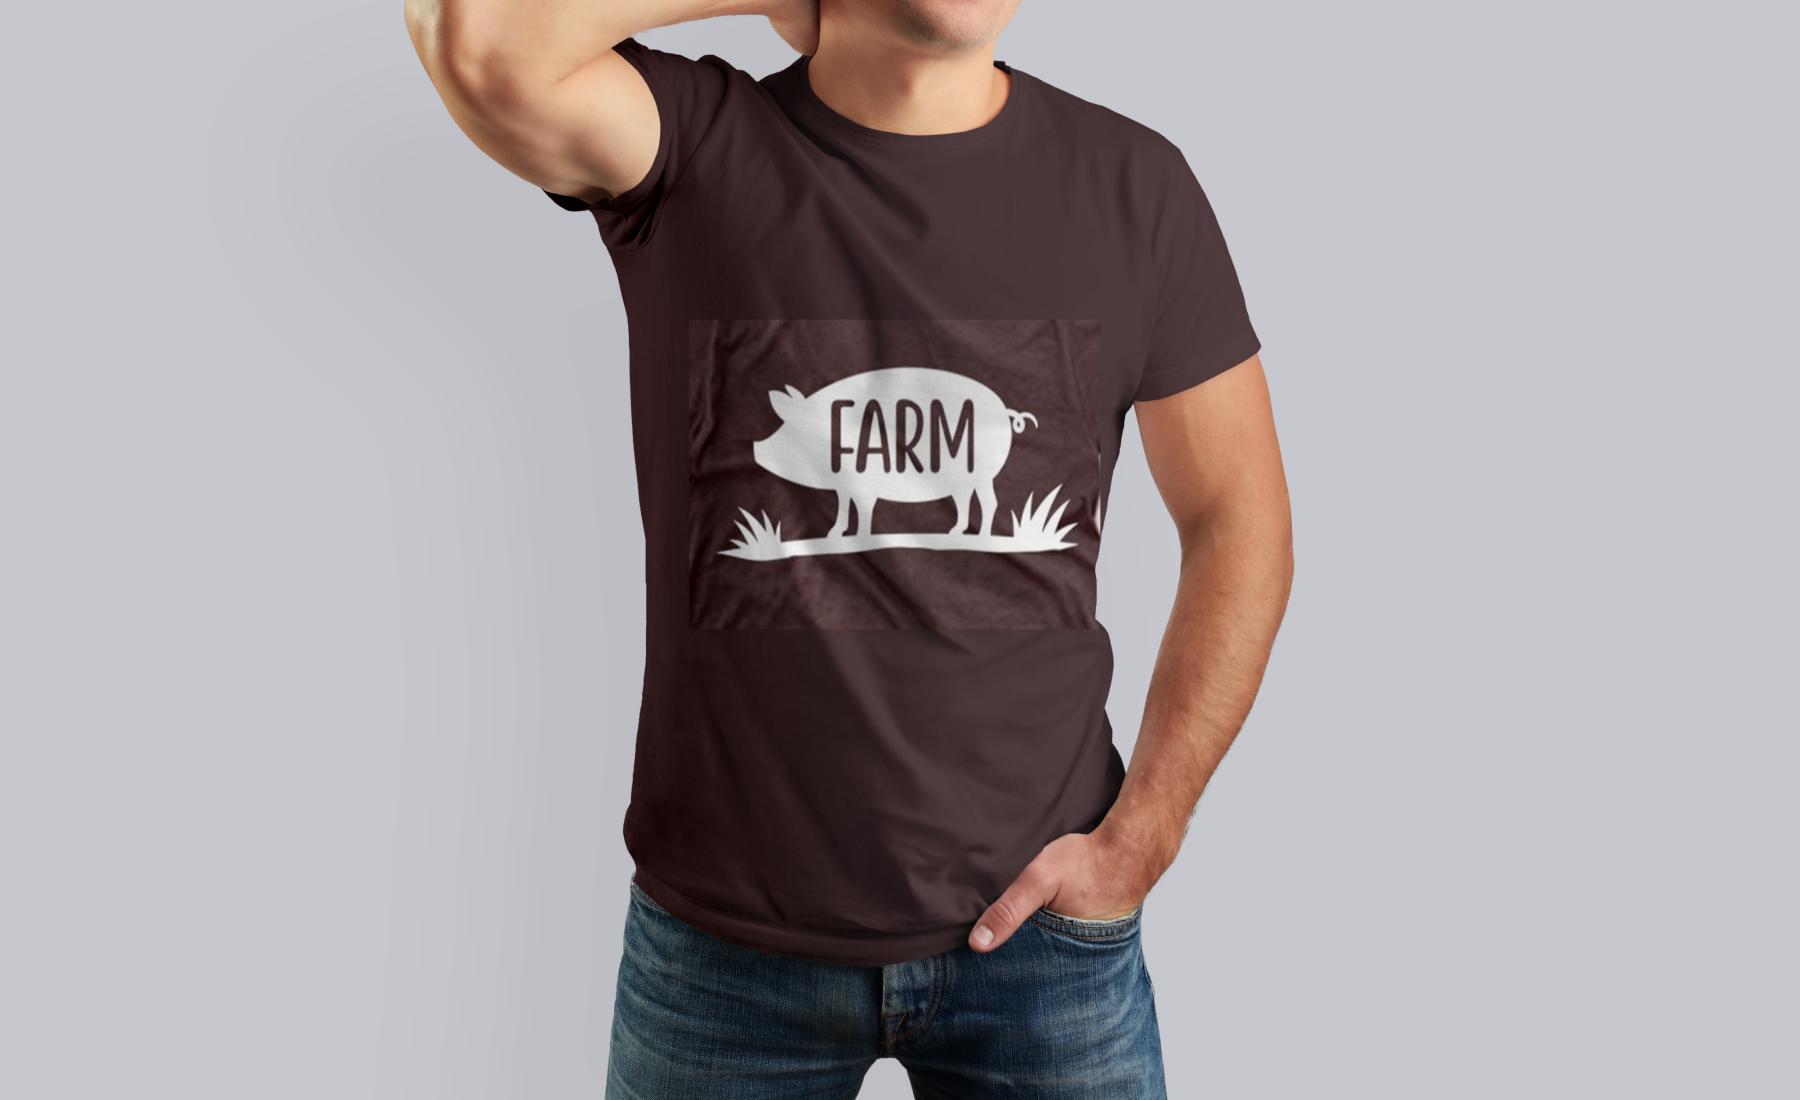 Farm House T Shirt Designs Bundle